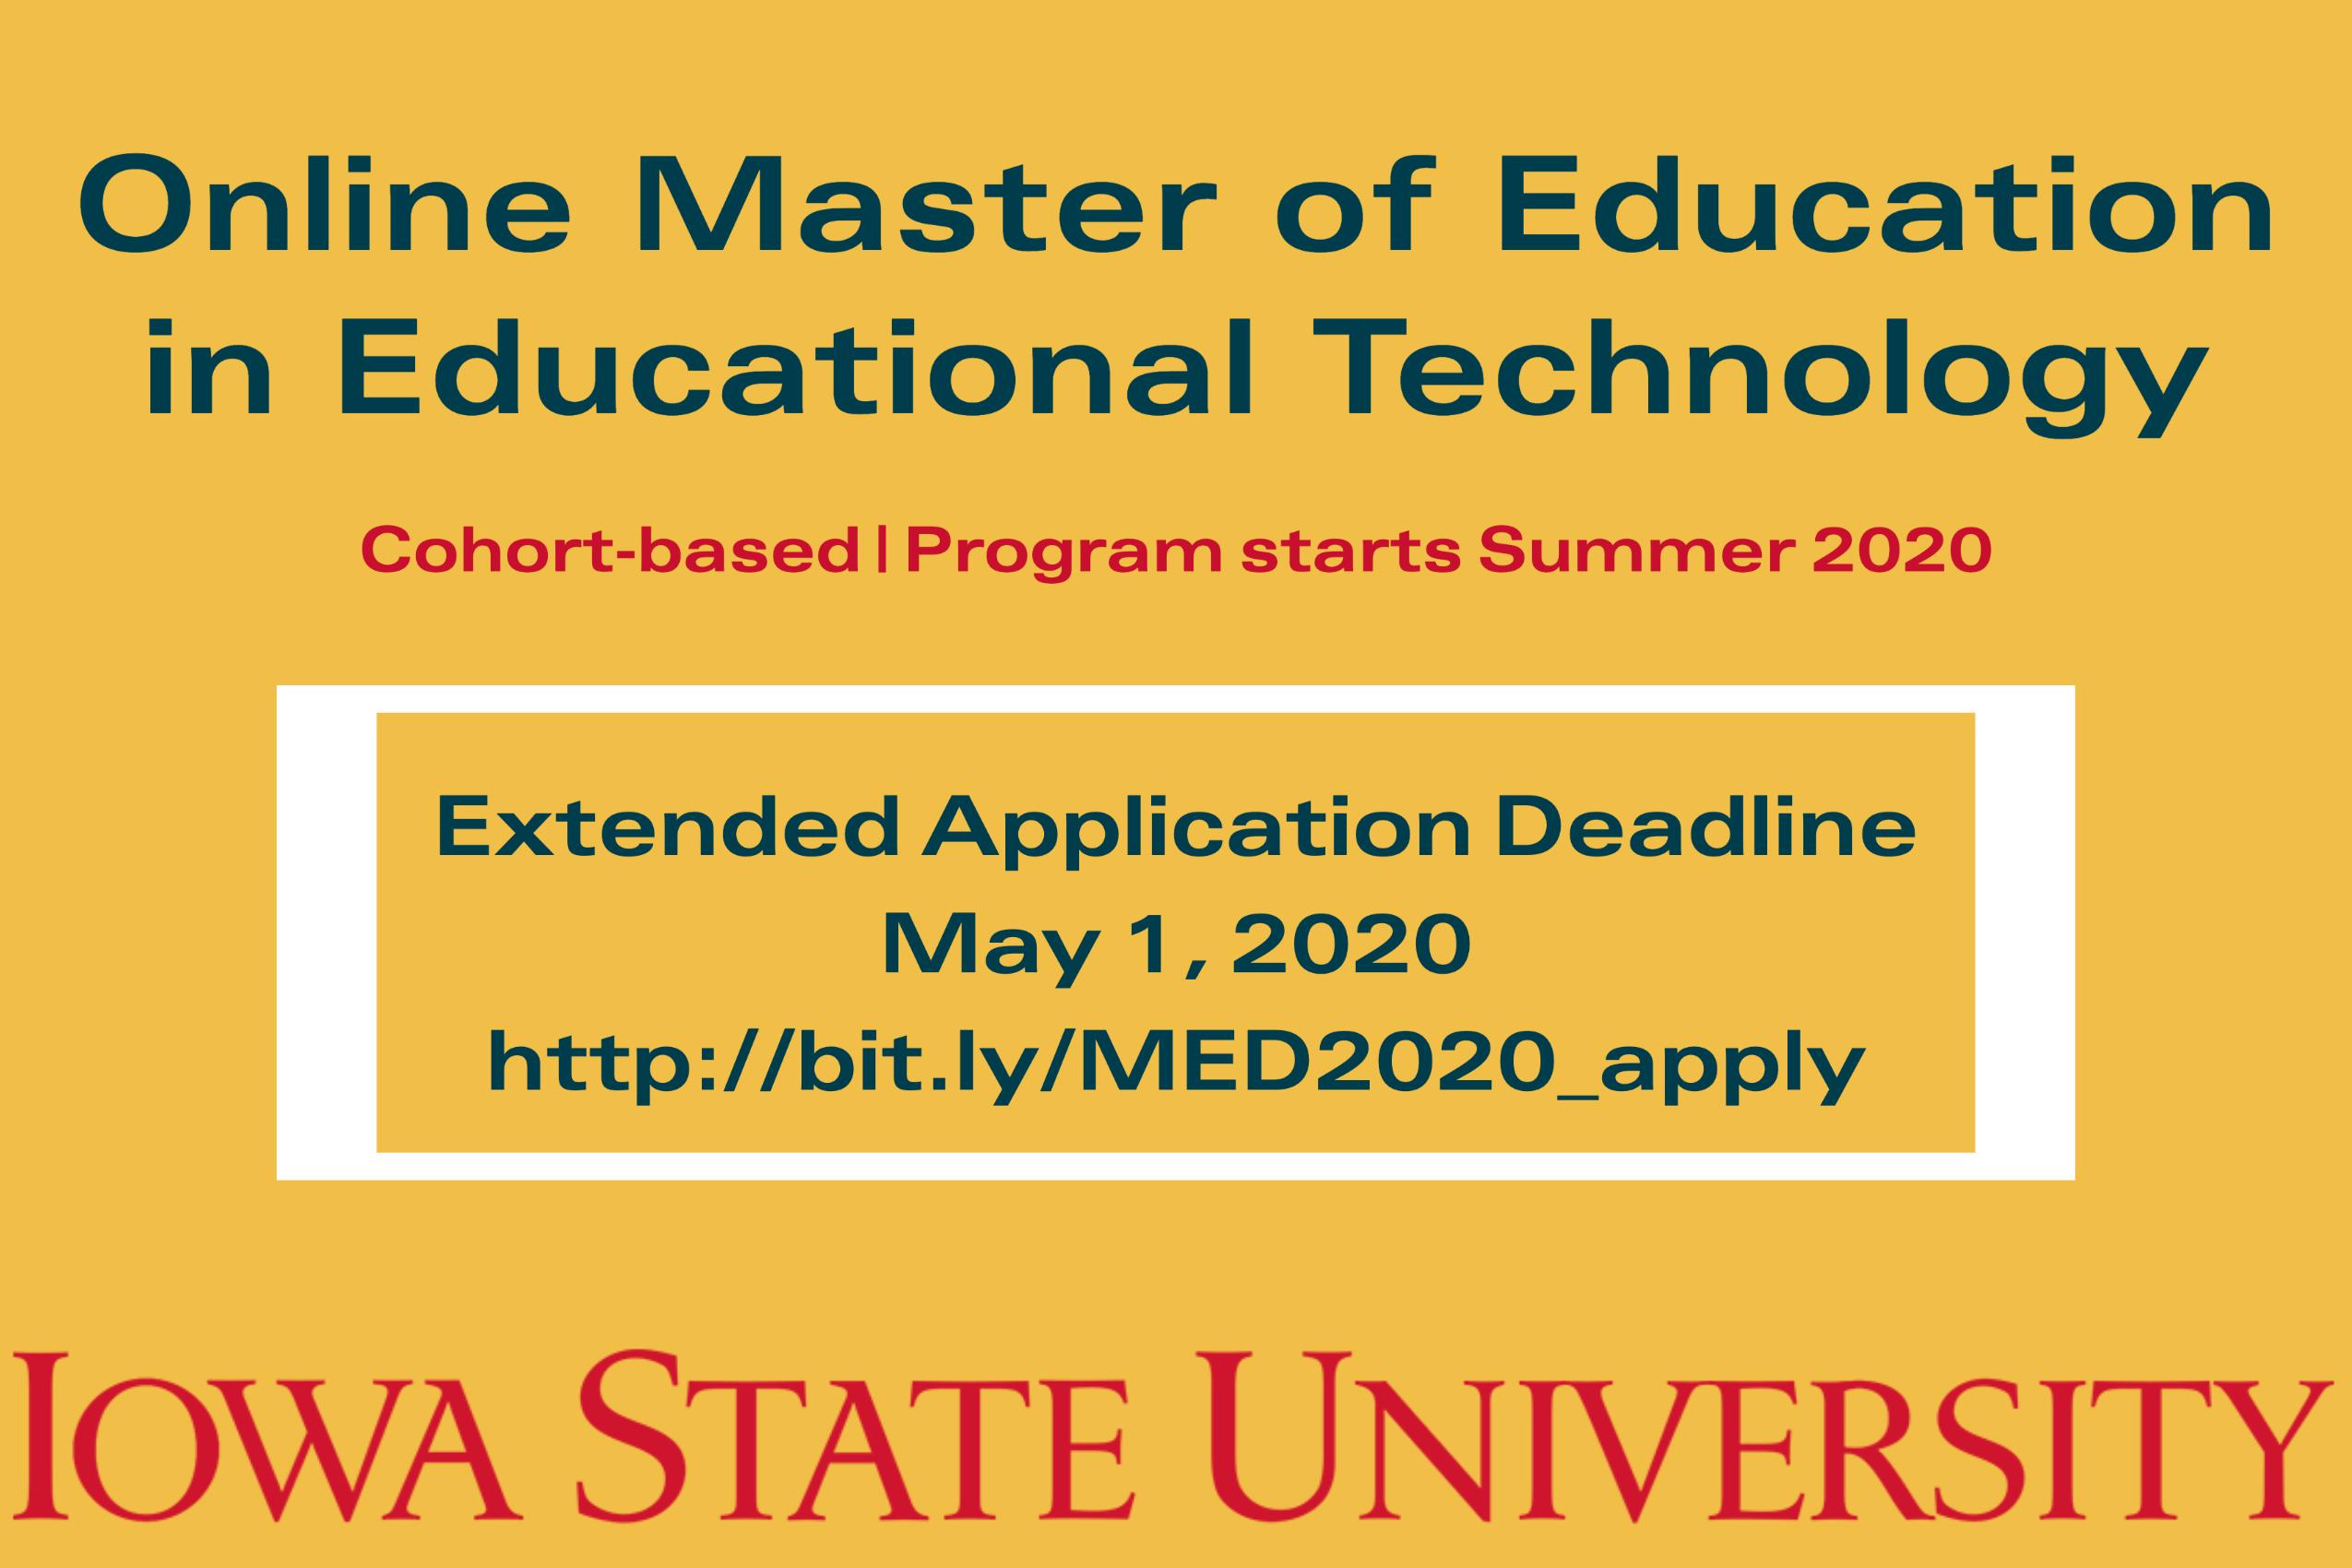 online med program deadline- may 1